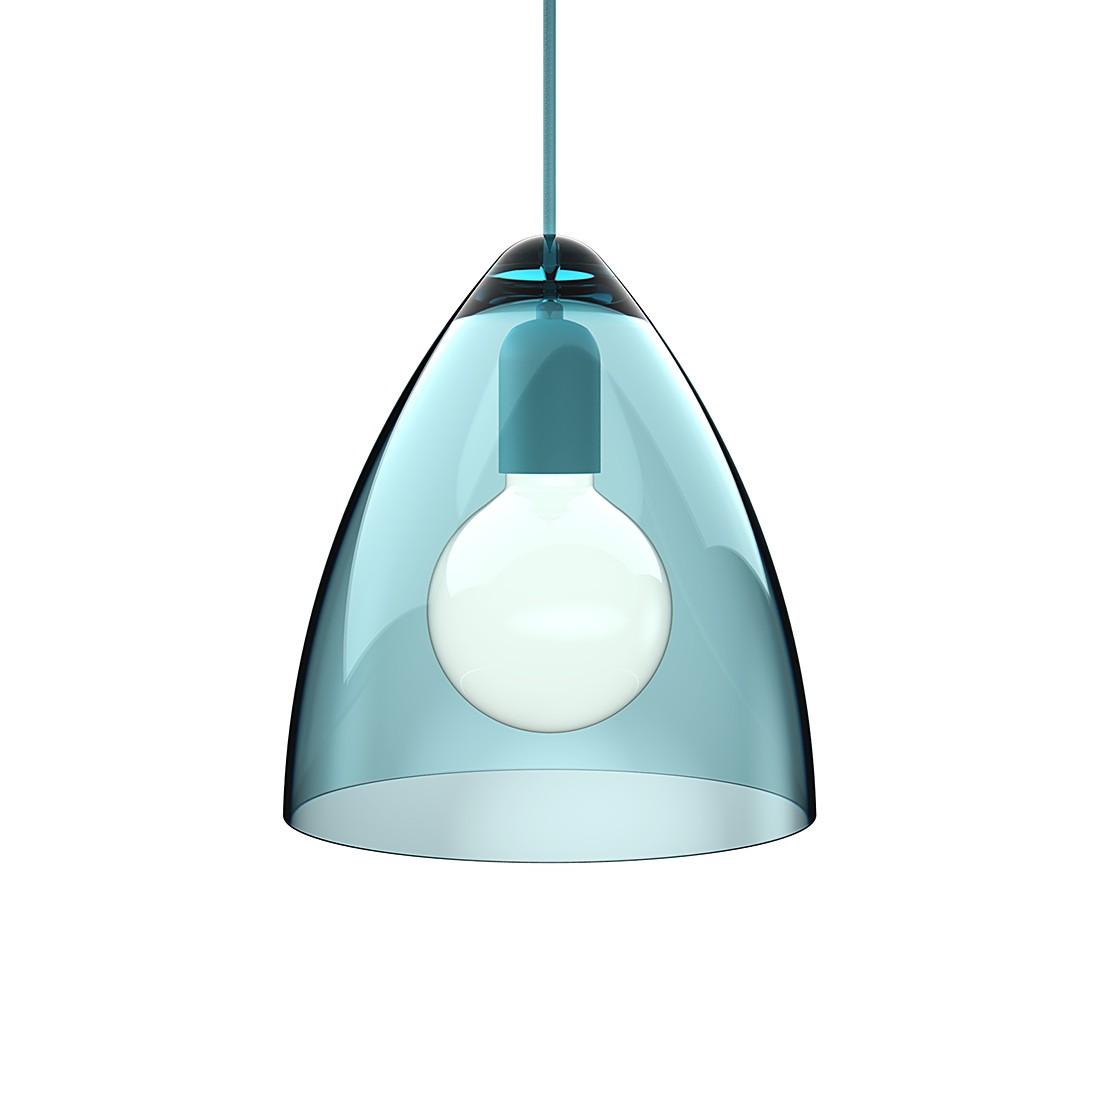 Pendelleuchte Funk – Acrylglas/Textil – Transparent Türkis/Türkis – Durchmesser 27 cm, Nordlux online kaufen